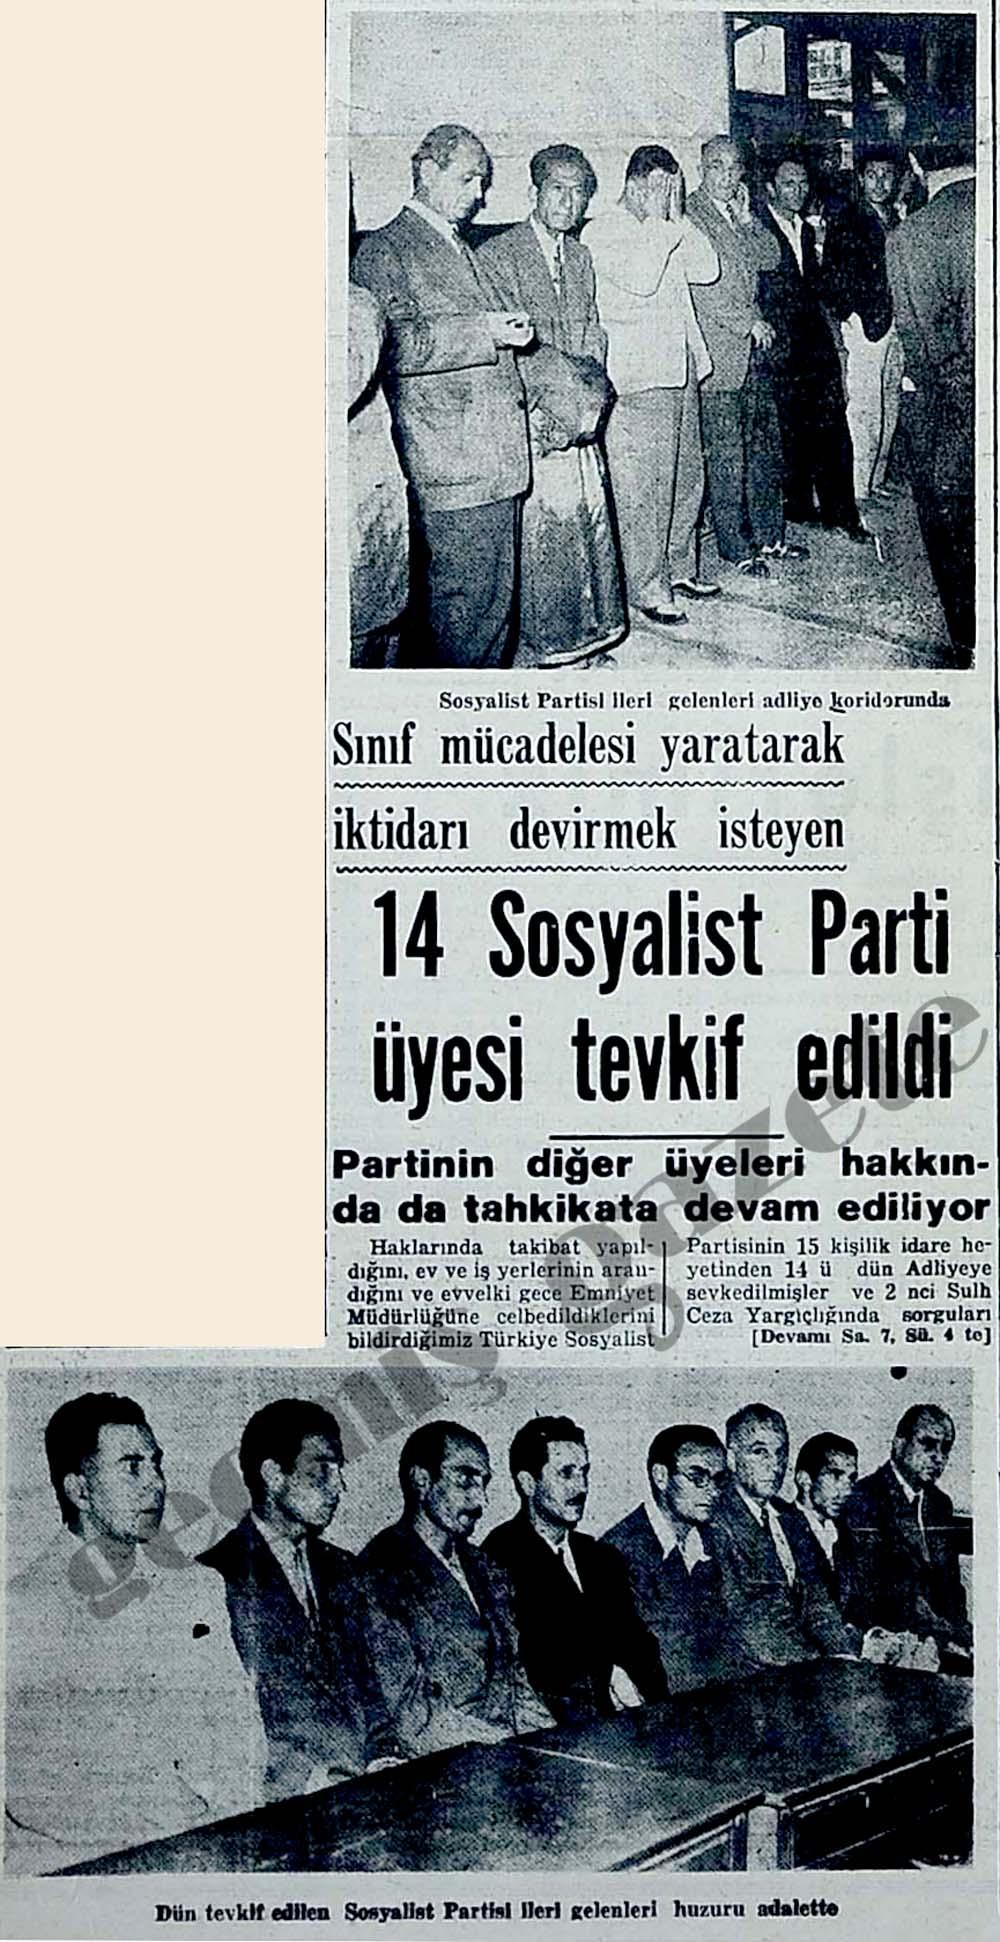 14 Sosyalist Parti üyesi tevkif edildi